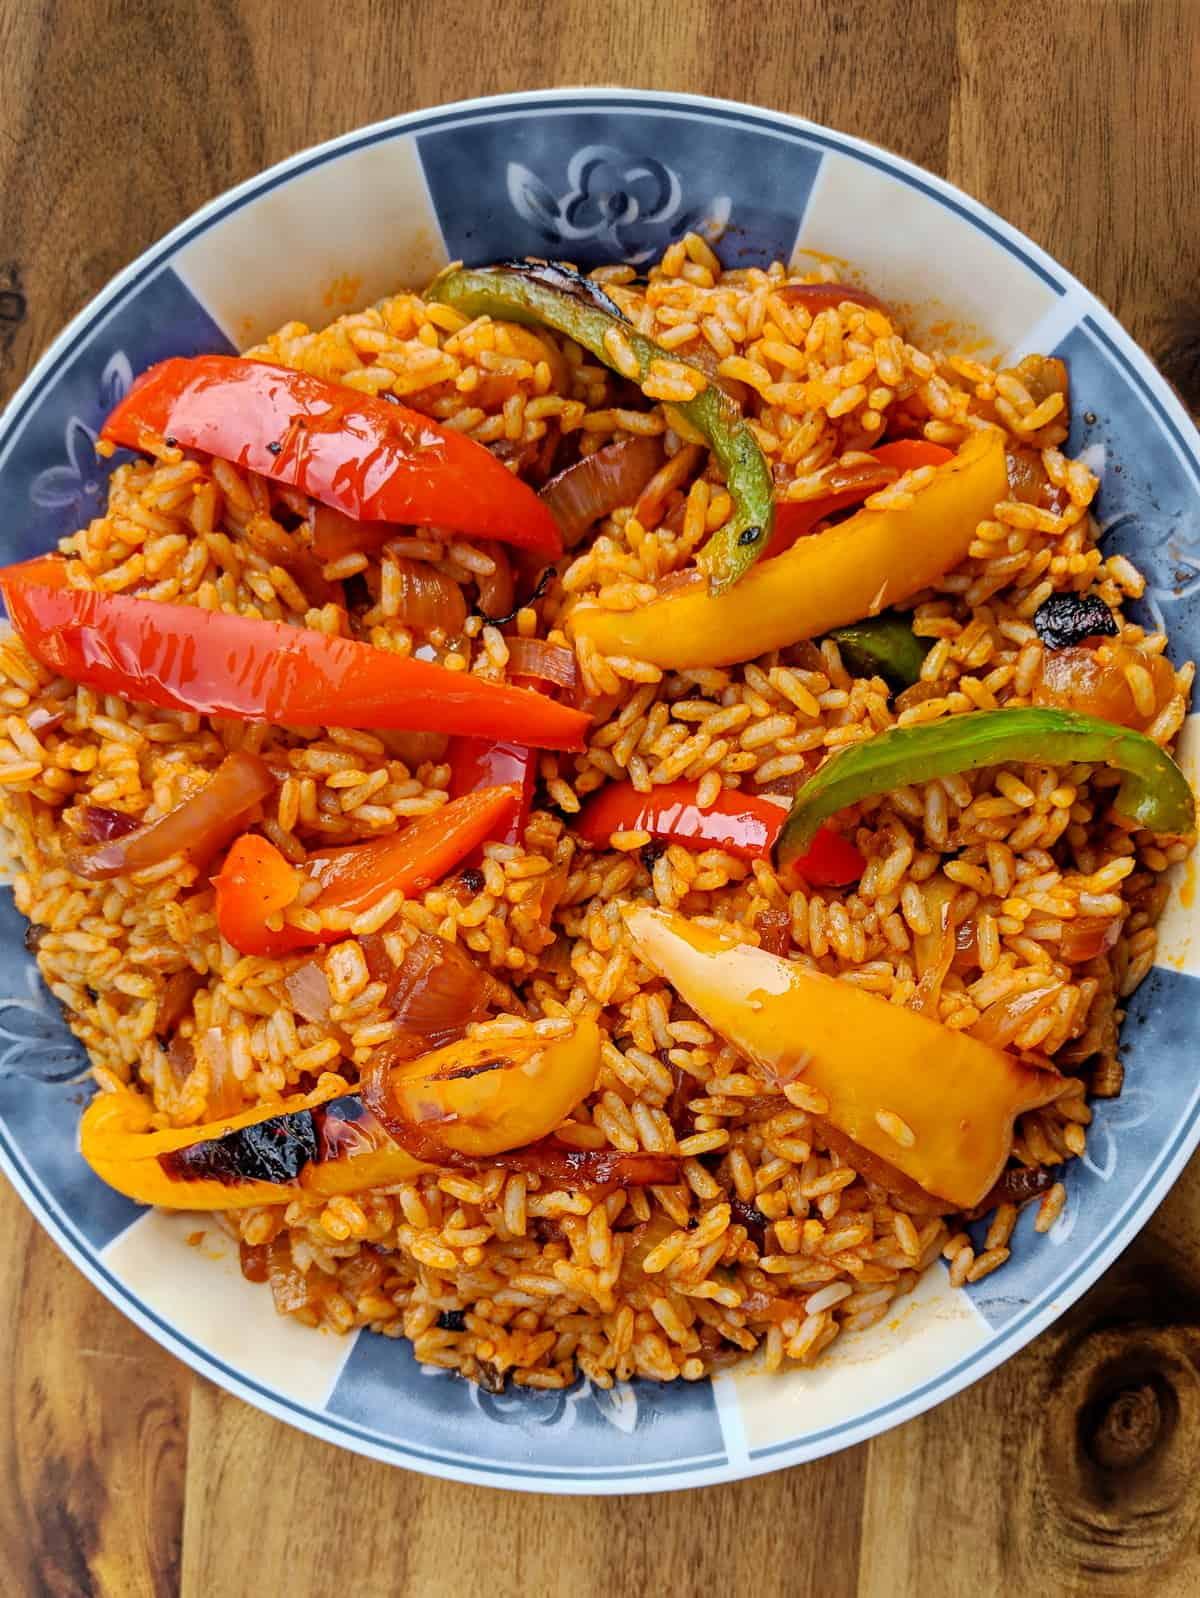 Eine bunte Schüssel mit Jollof Reis und gegrilltem Gemüse.